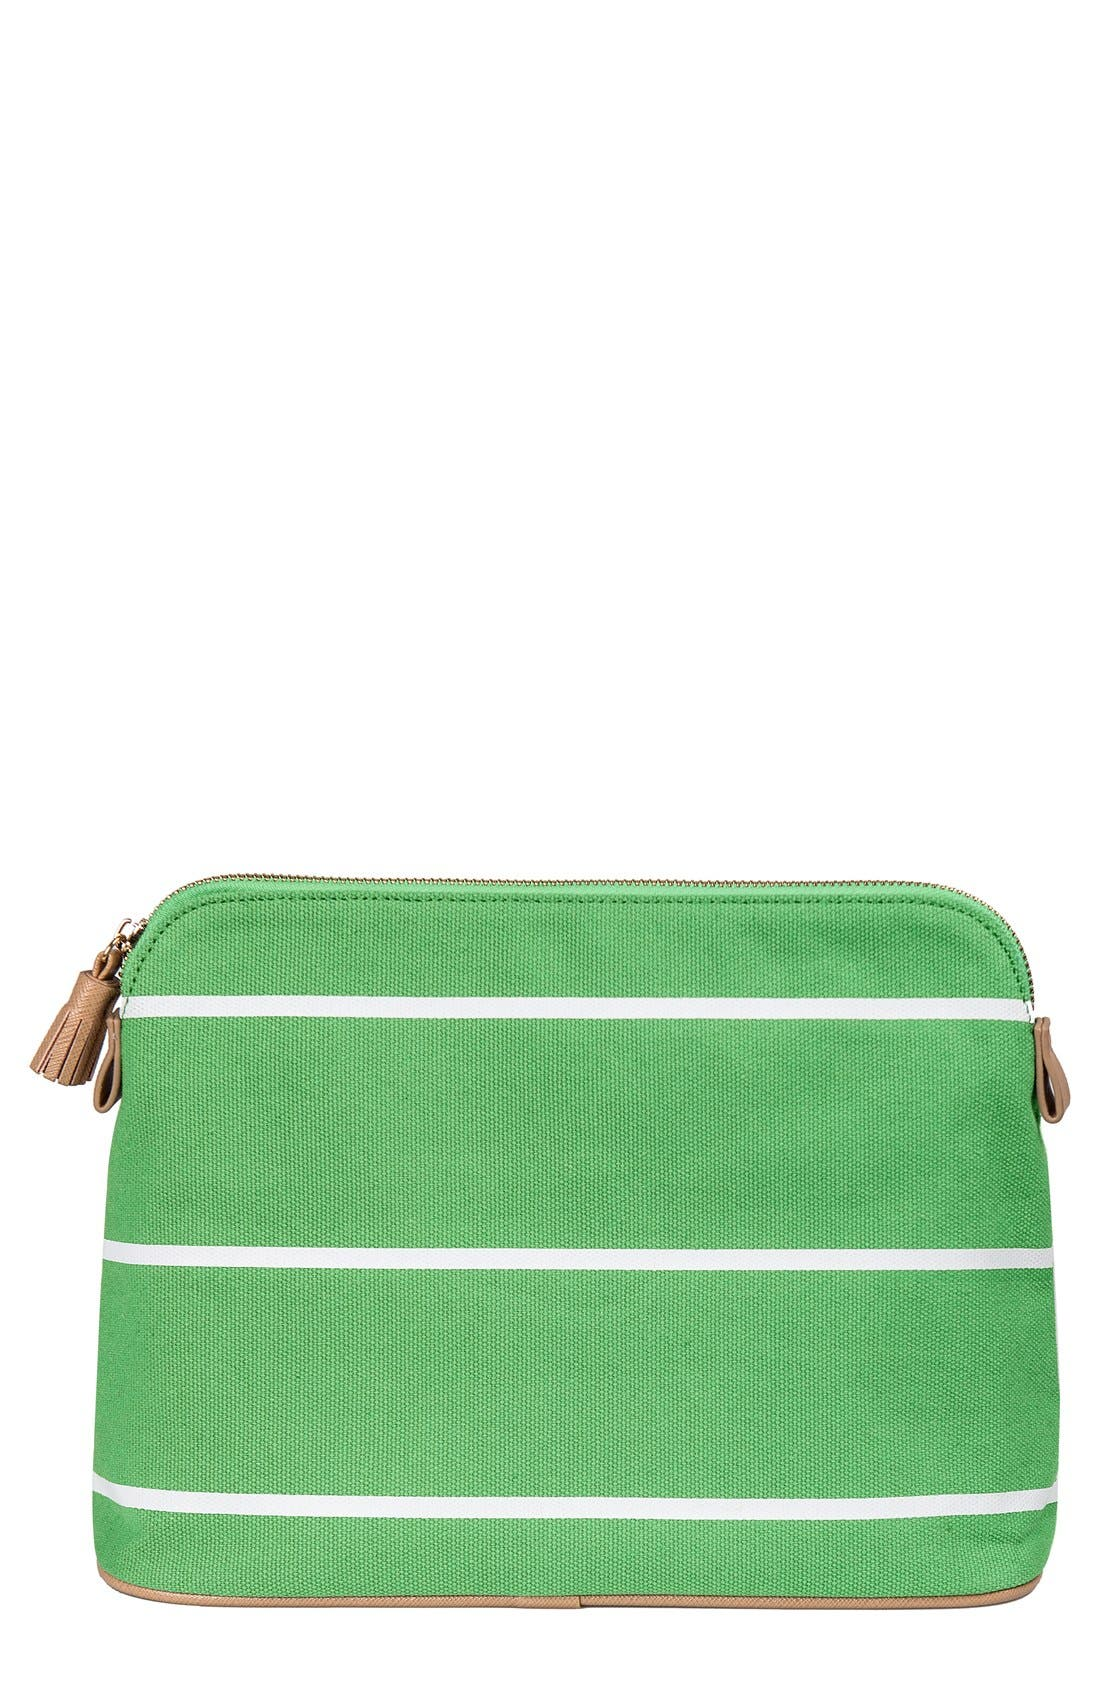 Monogram Cosmetics Bag,                         Main,                         color, GREEN